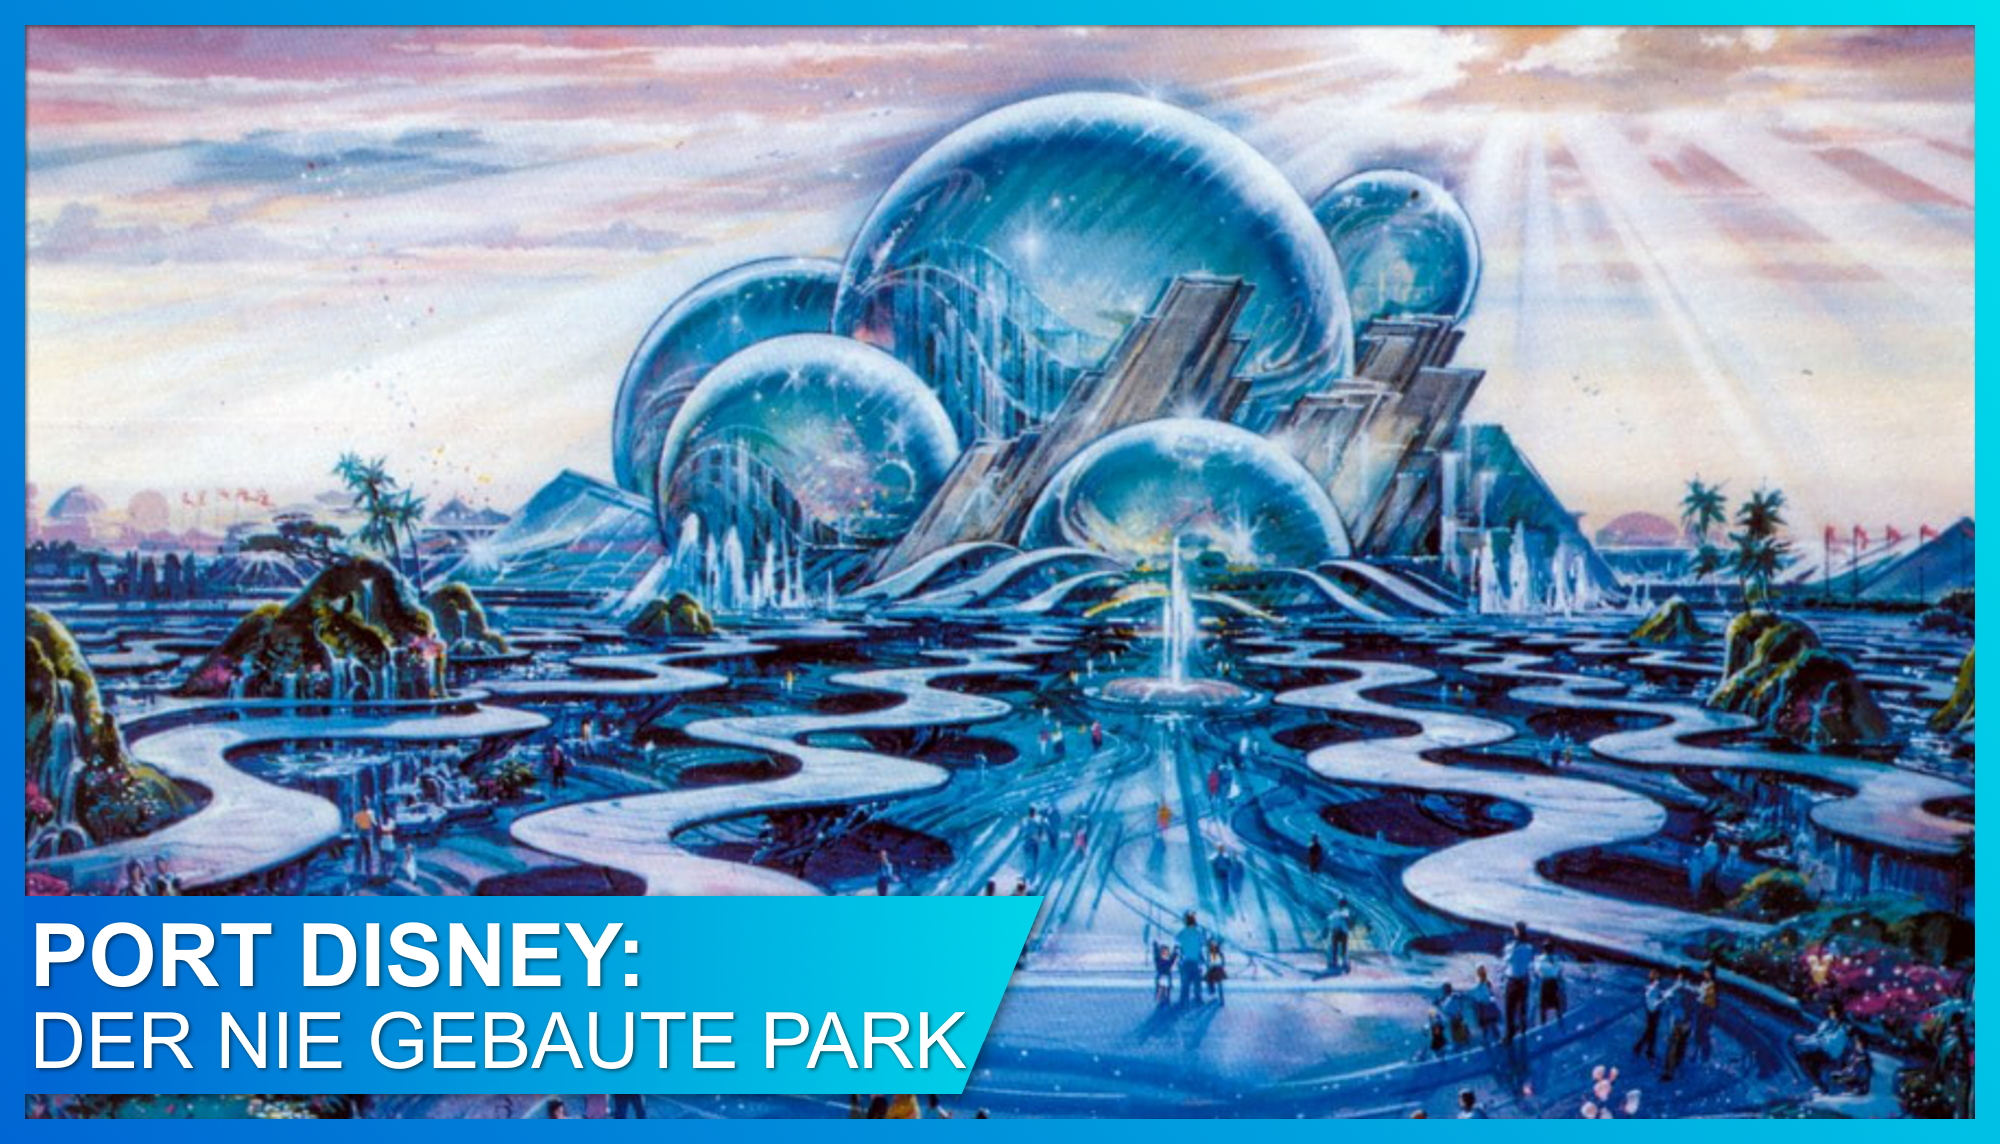 Konzeptzeichnung von Oceana, dem Wahrzeichen von Port Disney